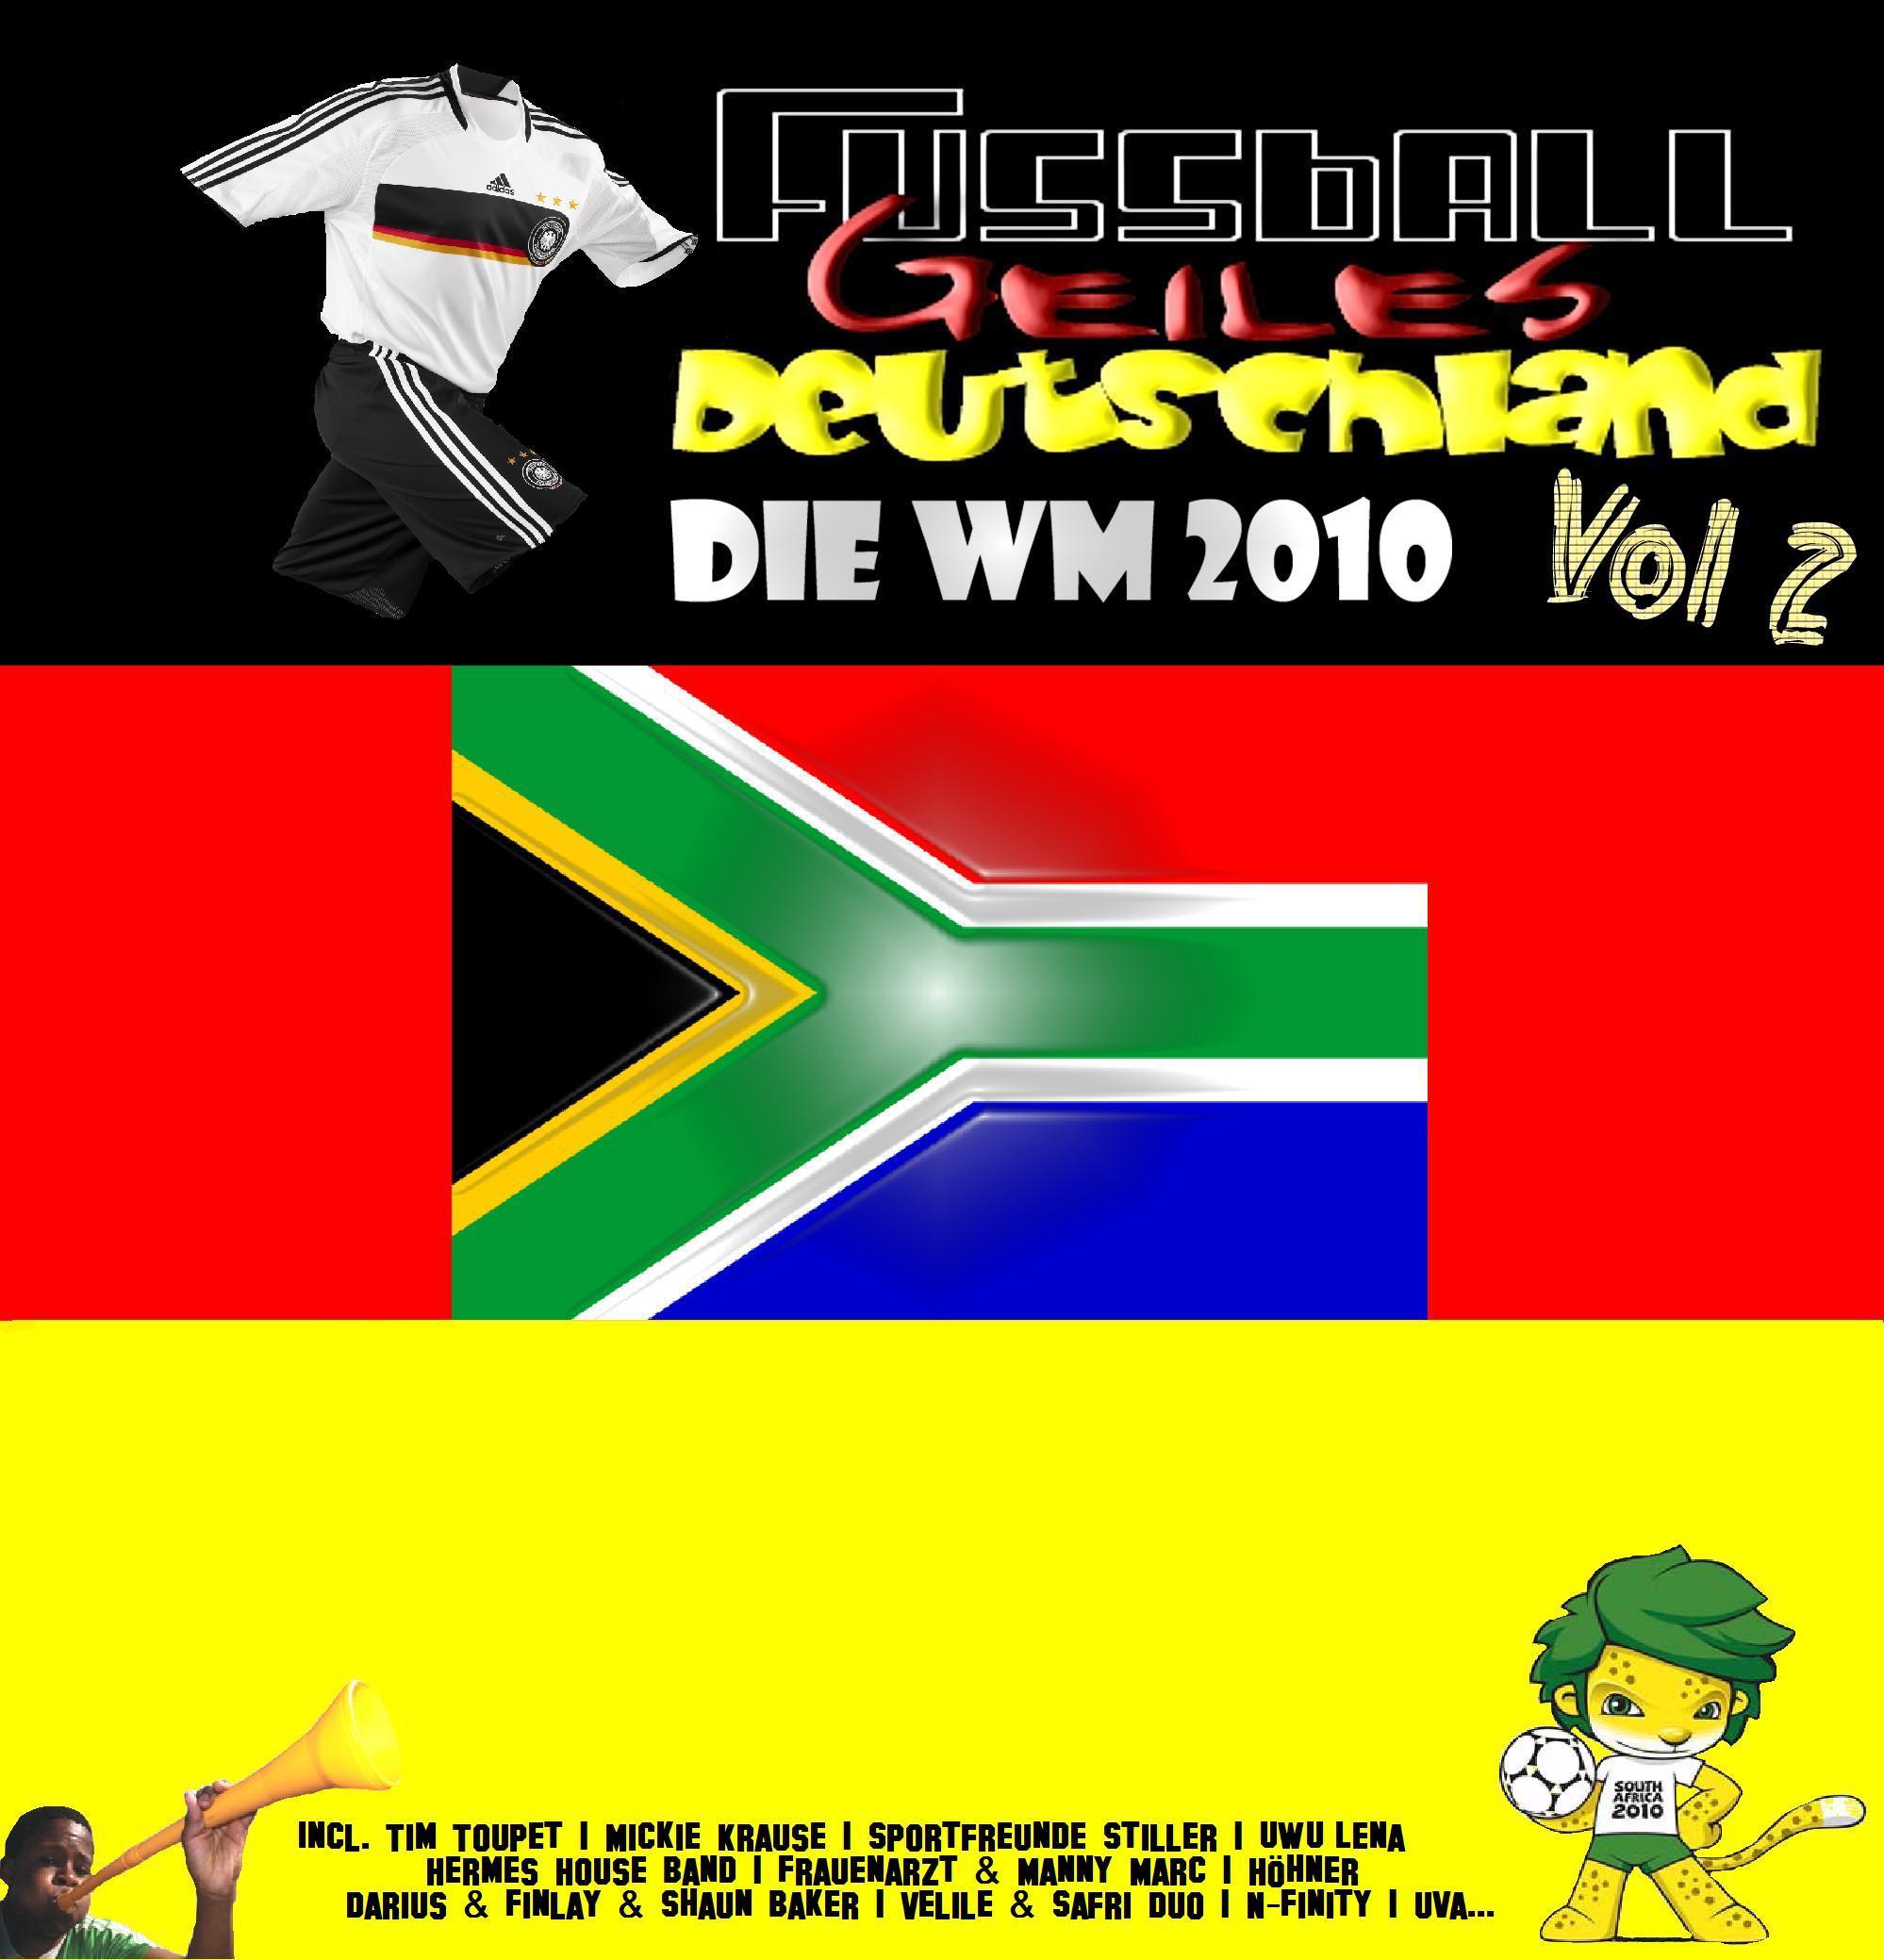 Va-Fussball Geiles Deutschland-Die WM 2010 Vol 2-(Bootleg)